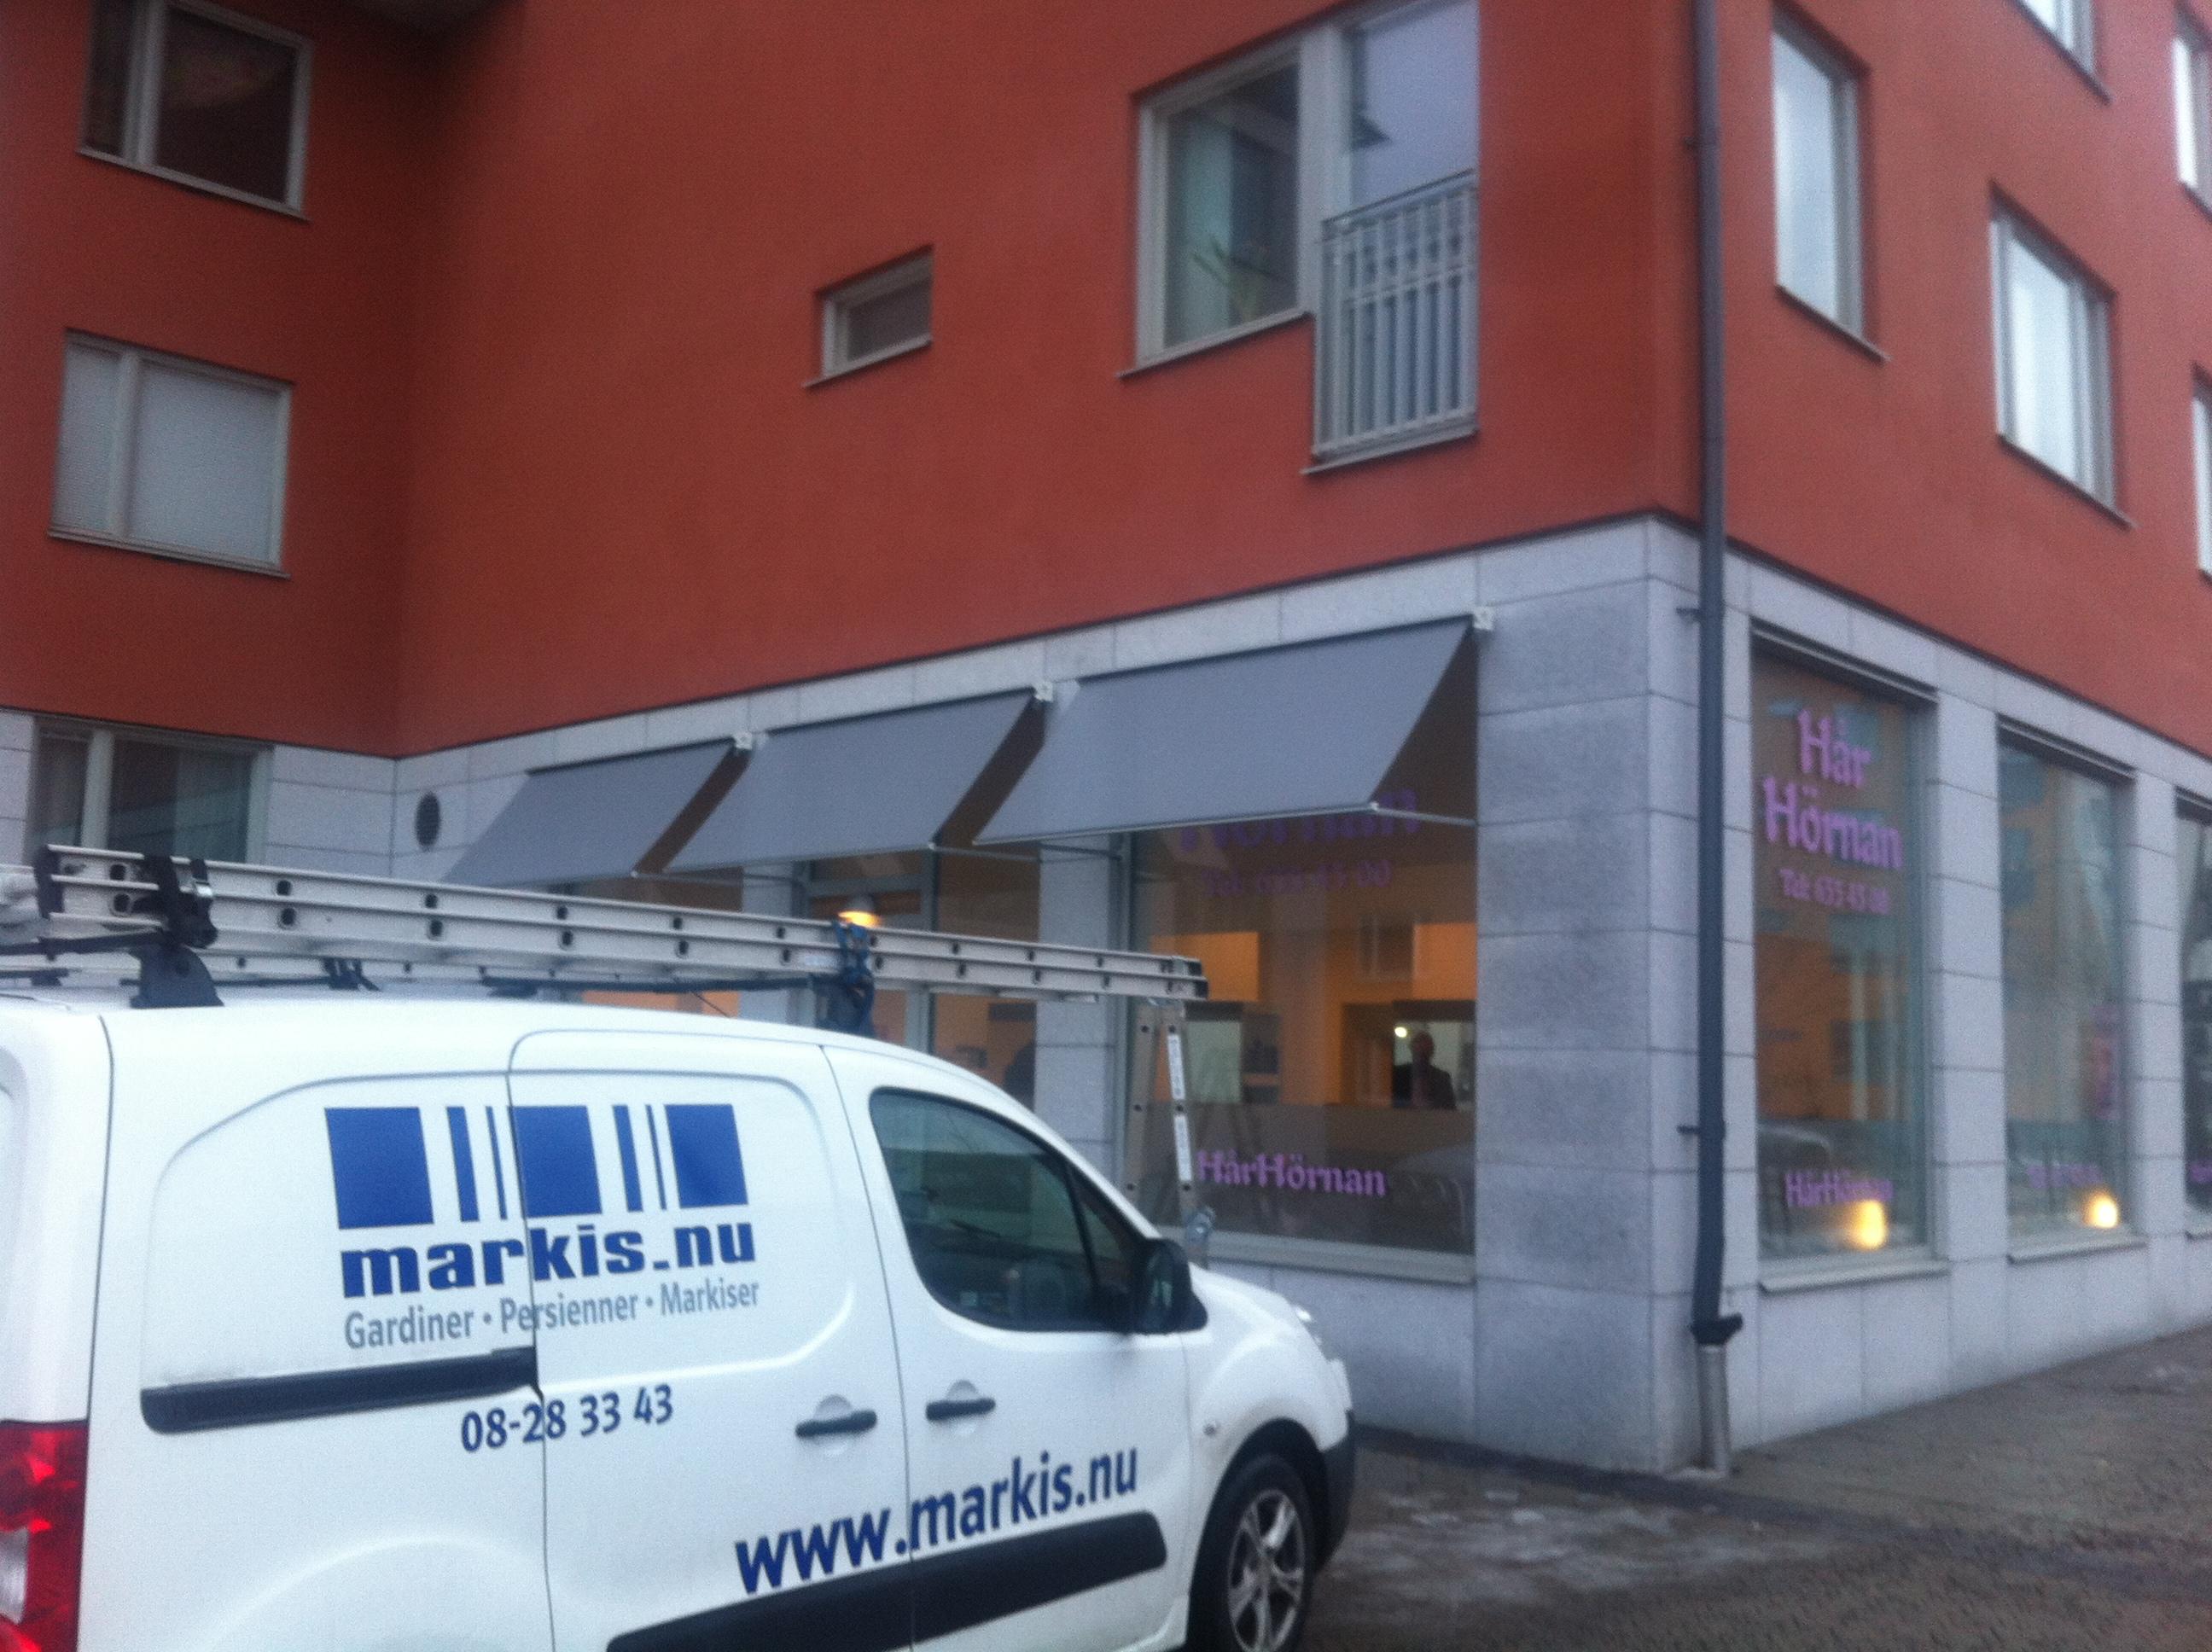 Vertikalmarkis - Solliden Ridå